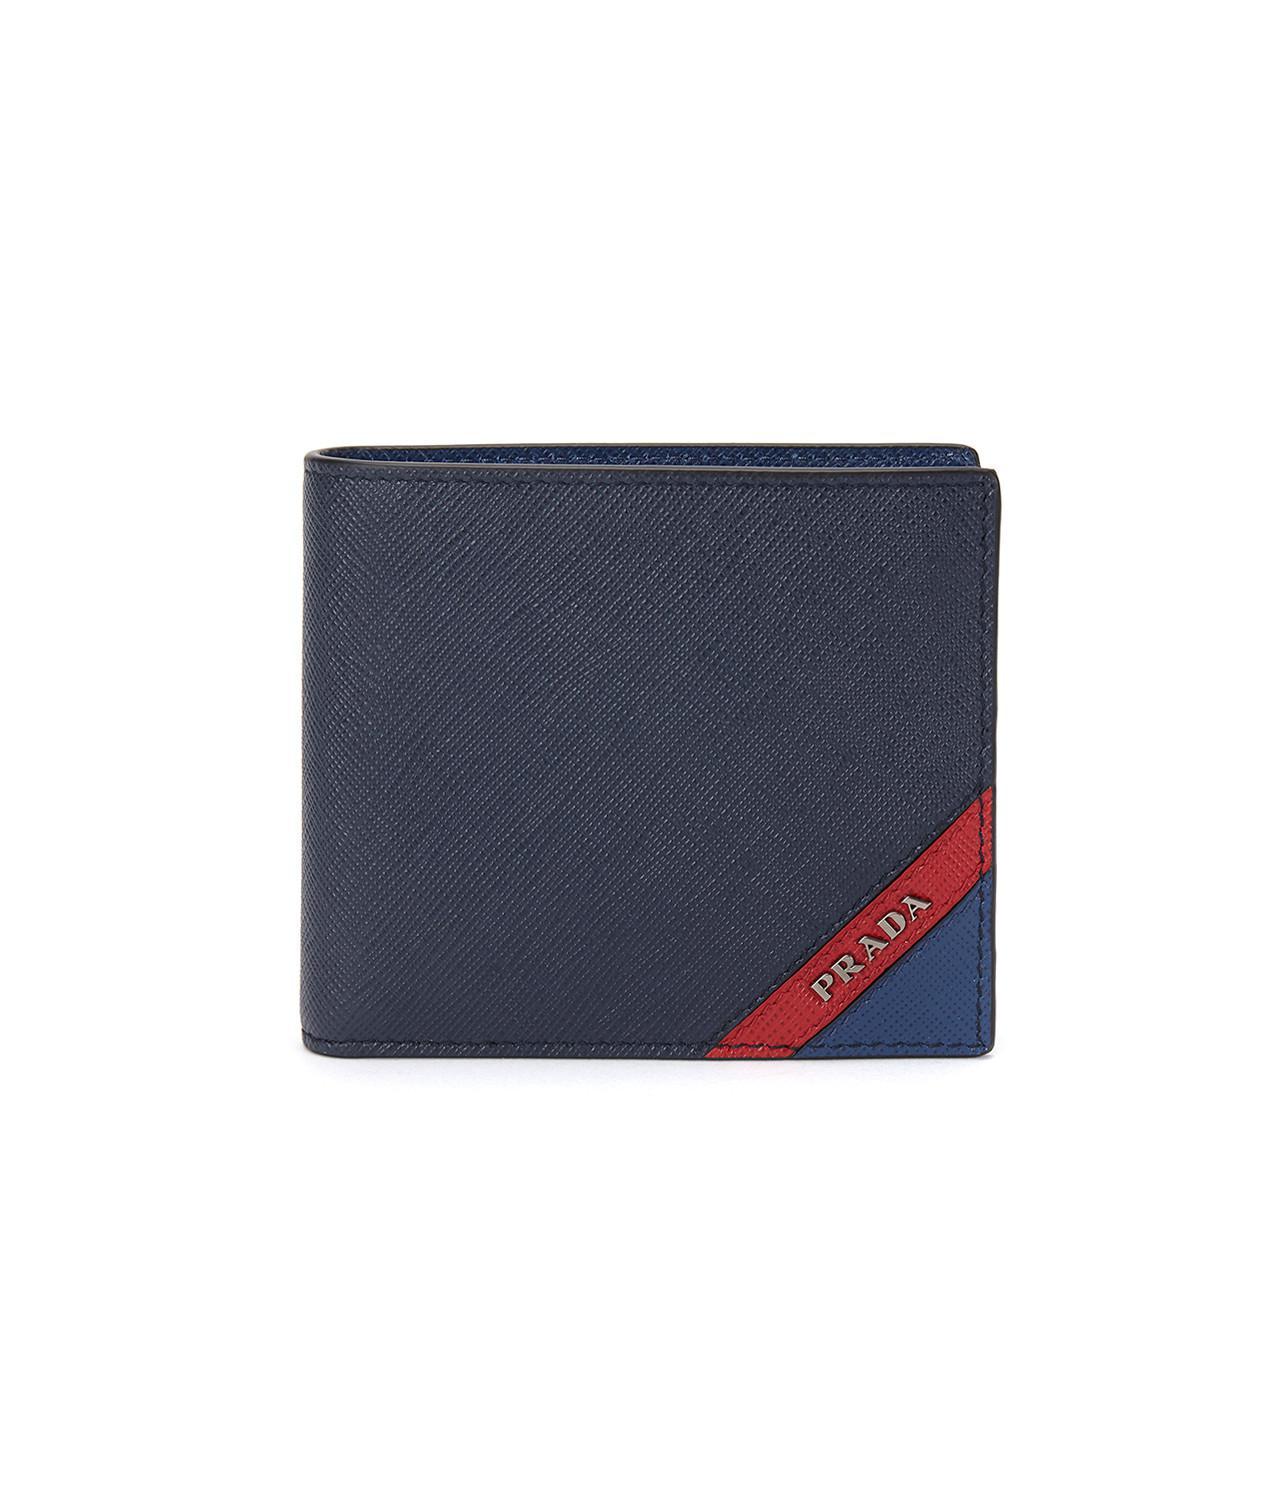 41e79c379ced7e Prada - Blue Saffiano Stripe Wallet Nero+fuoco+baltico for Men - Lyst. View  fullscreen